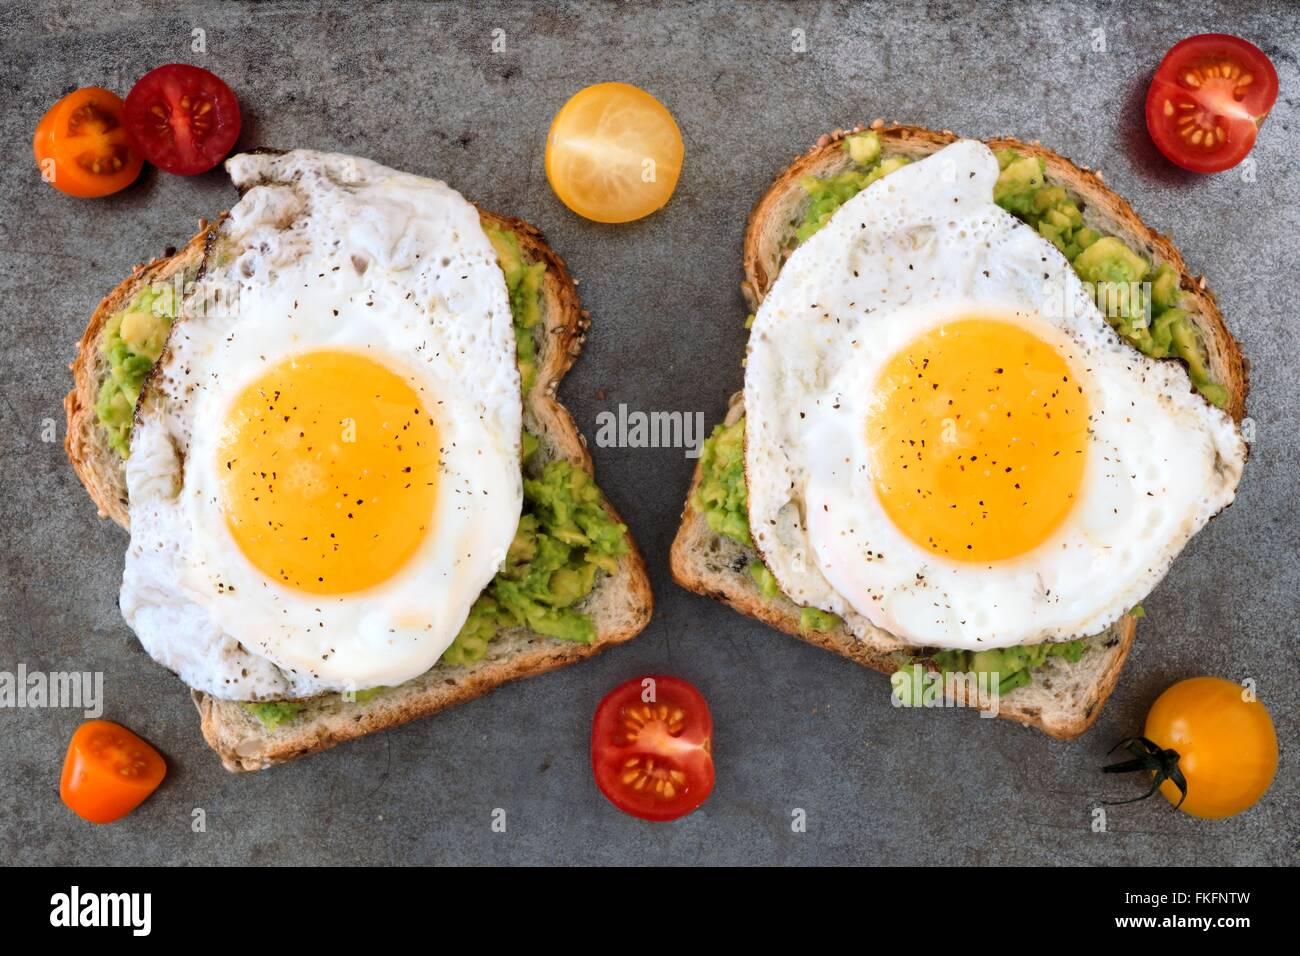 Avocado öffnen, Ei-Sandwiches auf Vollkornbrot mit dreifarbigen Tomaten auf rustikalen Backblech Stockbild